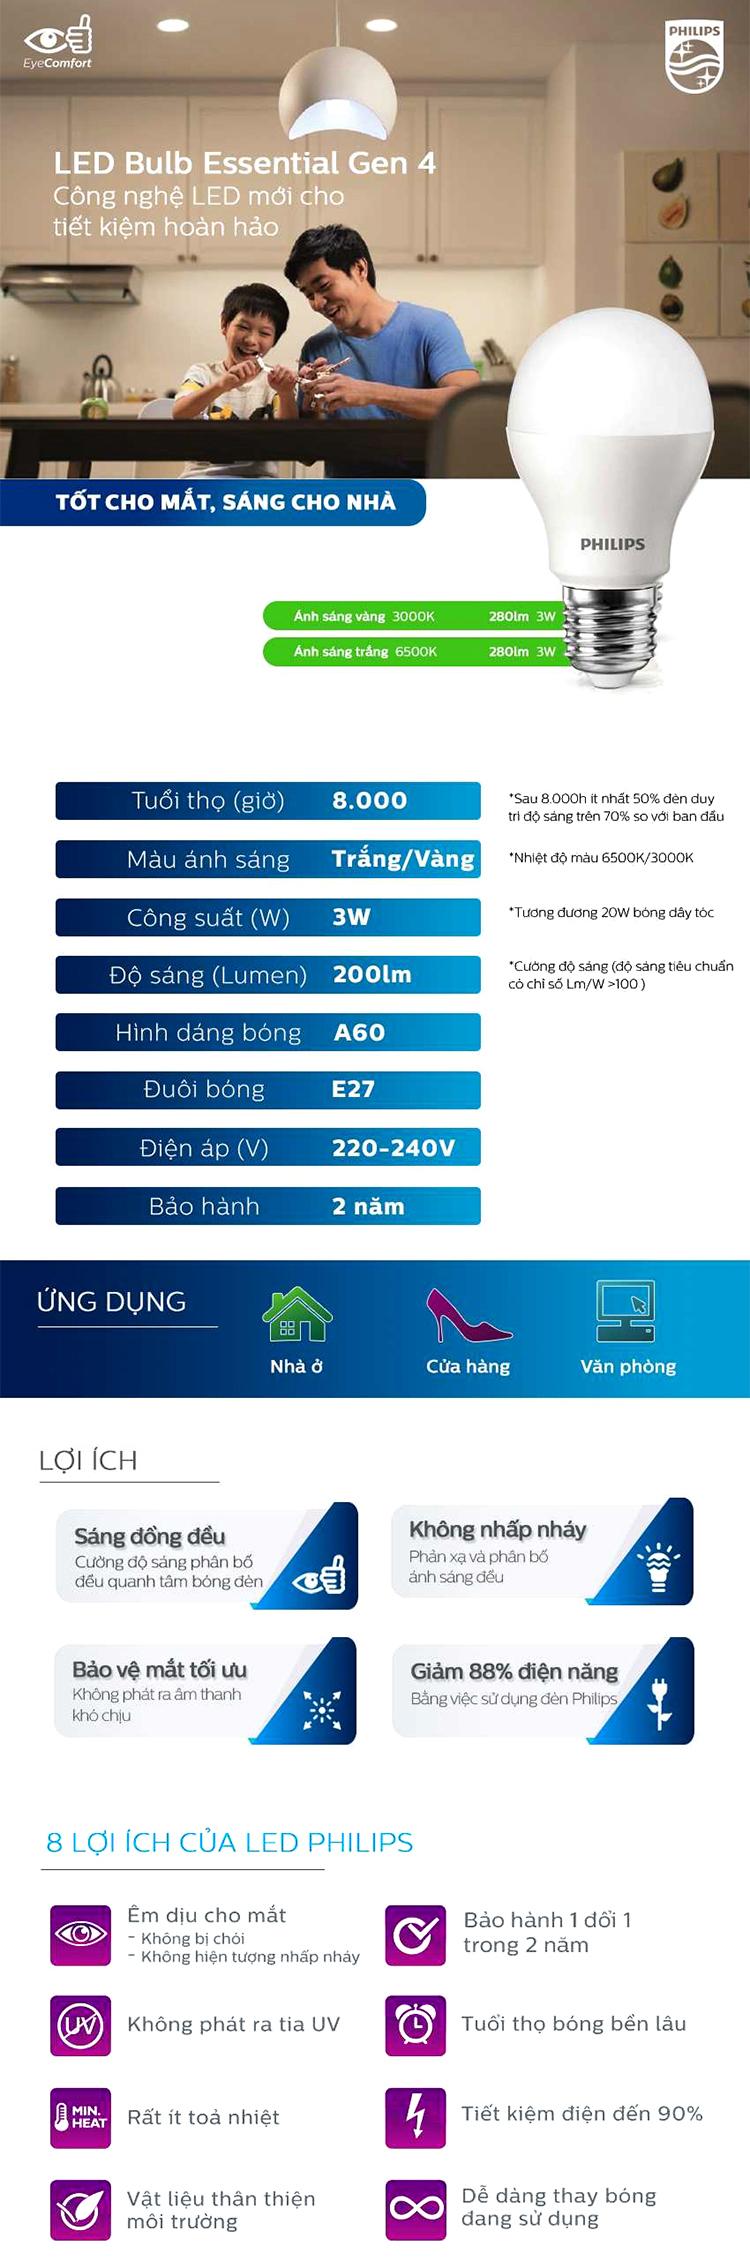 Bóng đèn Philips LED Essential Gen4 3W 3000K E27 A60 - Ánh sáng vàng